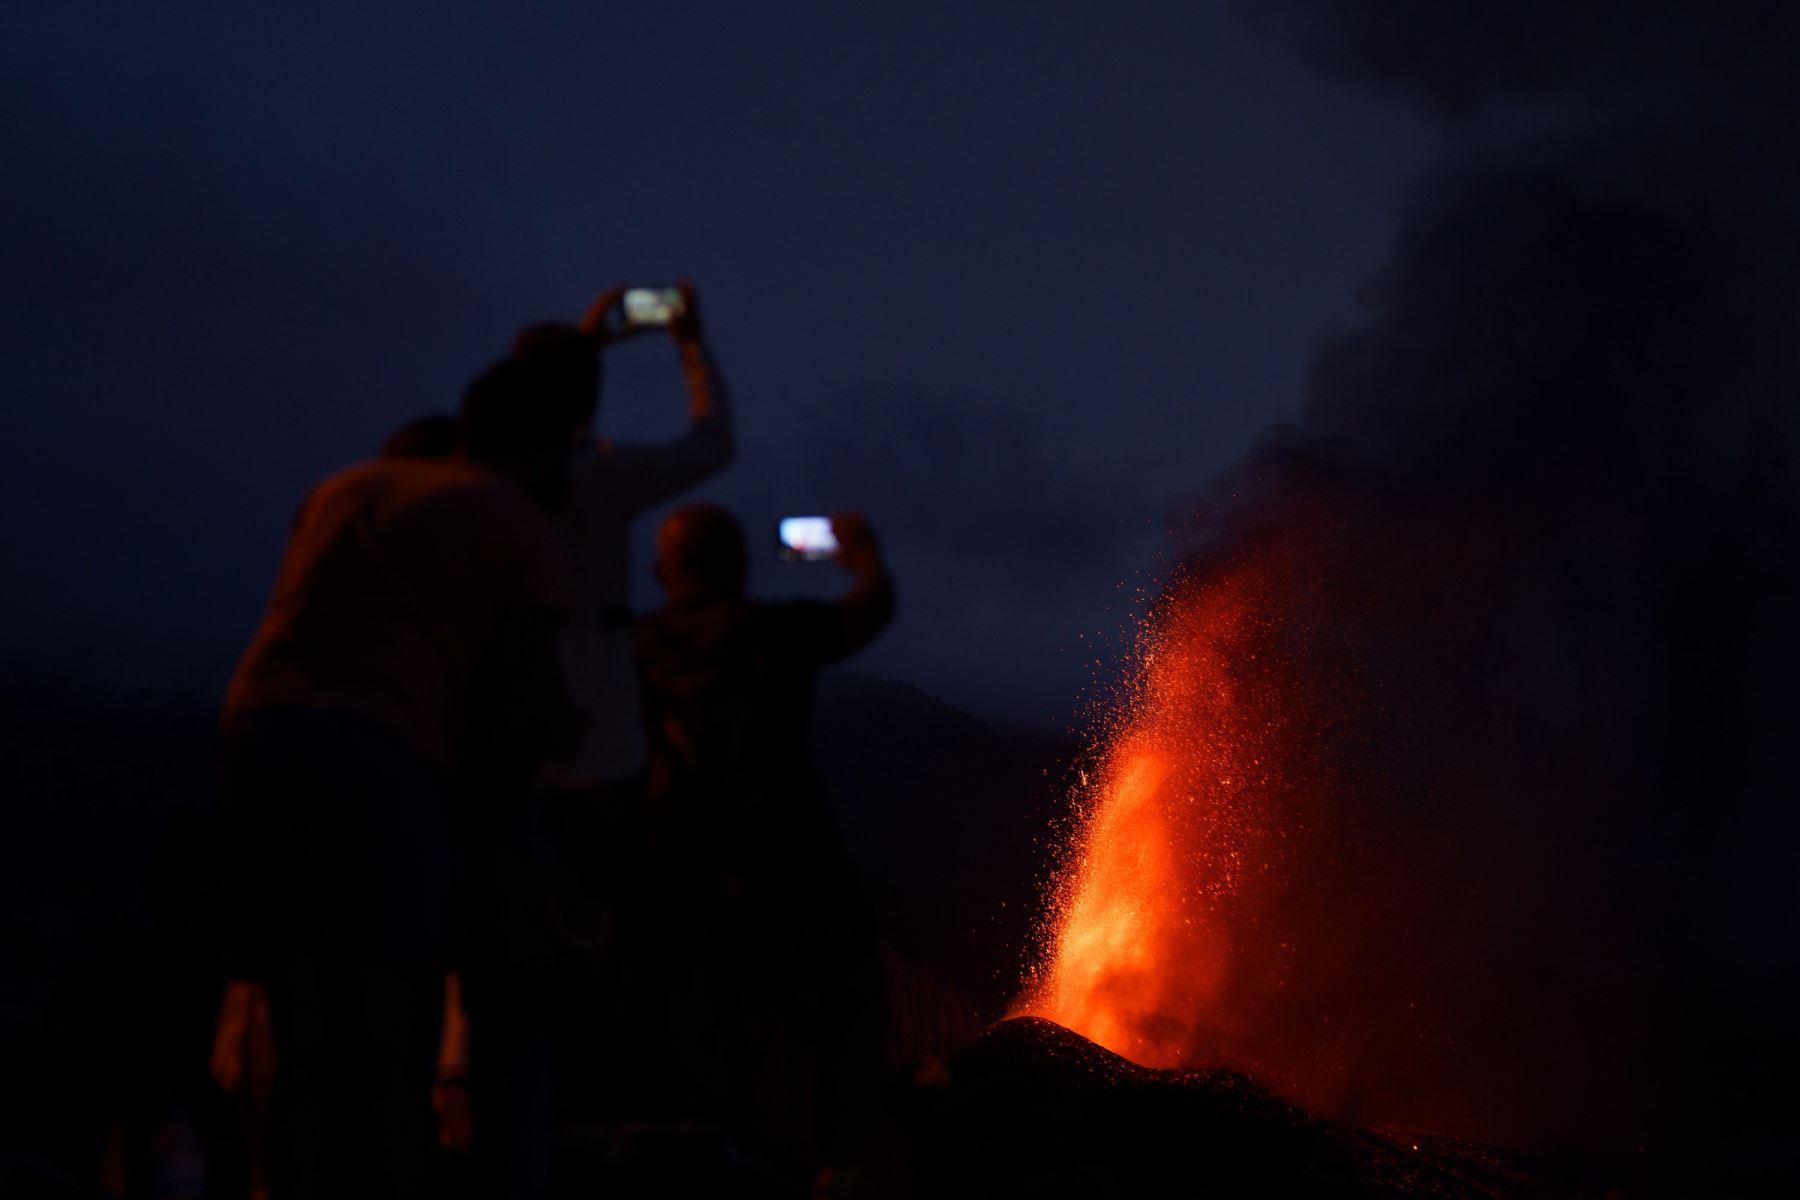 Cuatro personas contemplan desde una montaña al caer la noche la lava que sale proyectada hacia el cielo del nuevo volcán de La Palma. Foto: EFE